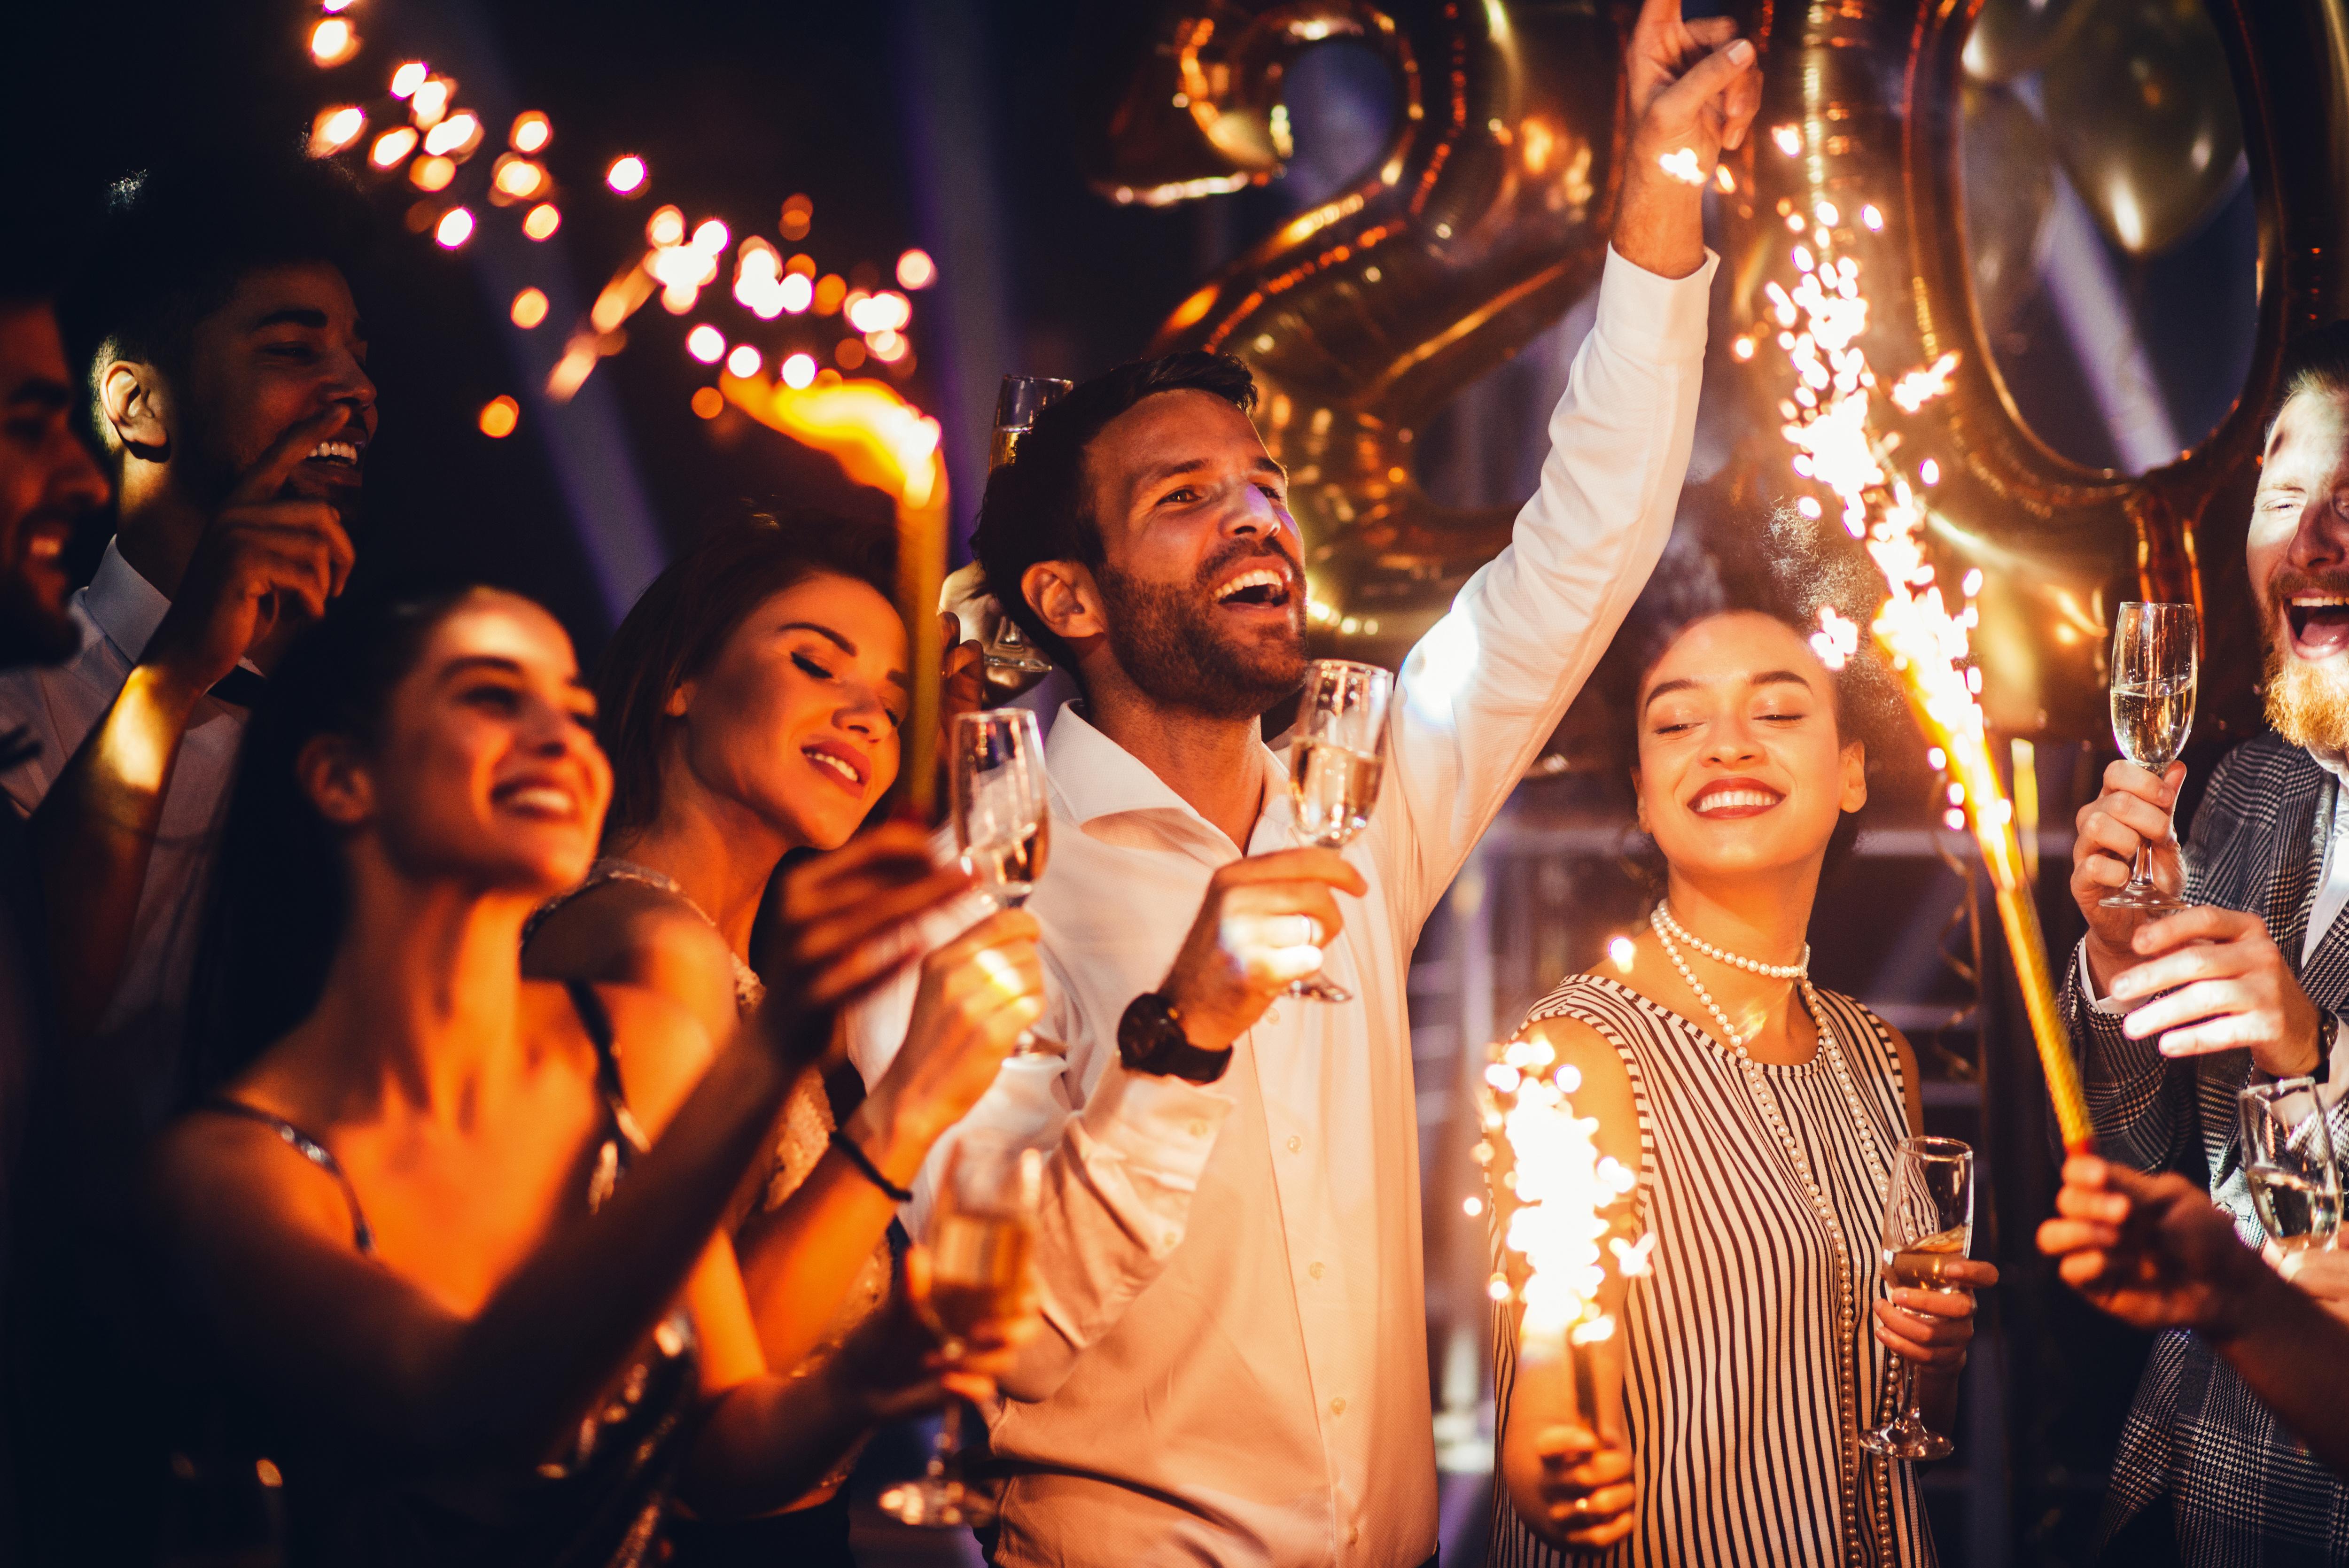 High Class Escort Party mit Geschäftsfreund in Essen